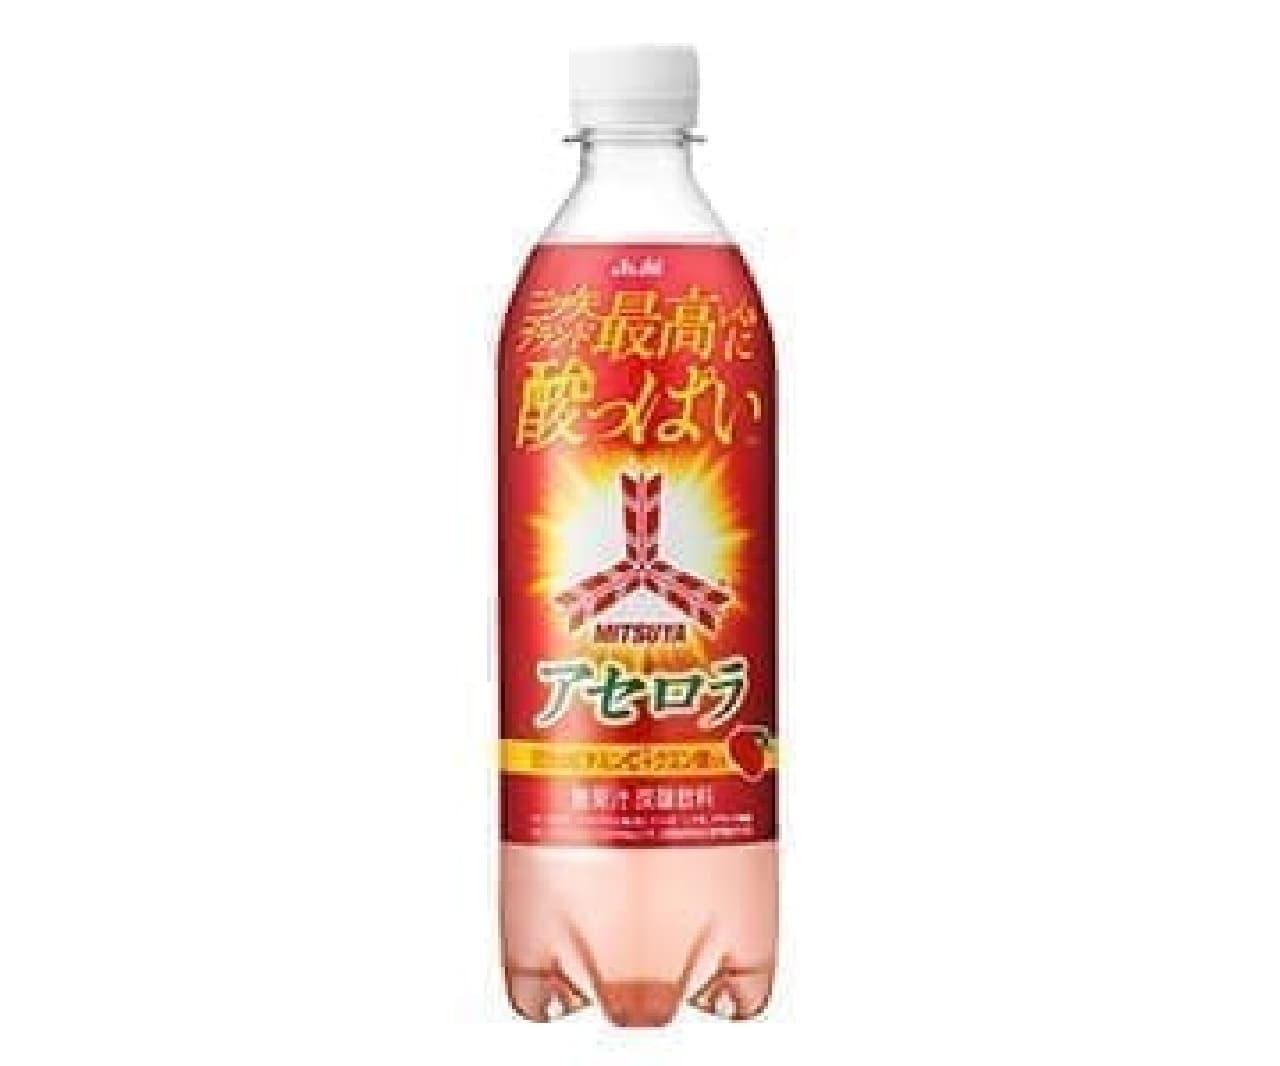 「『三ツ矢』アセロラ」ペットボトル(500ml)